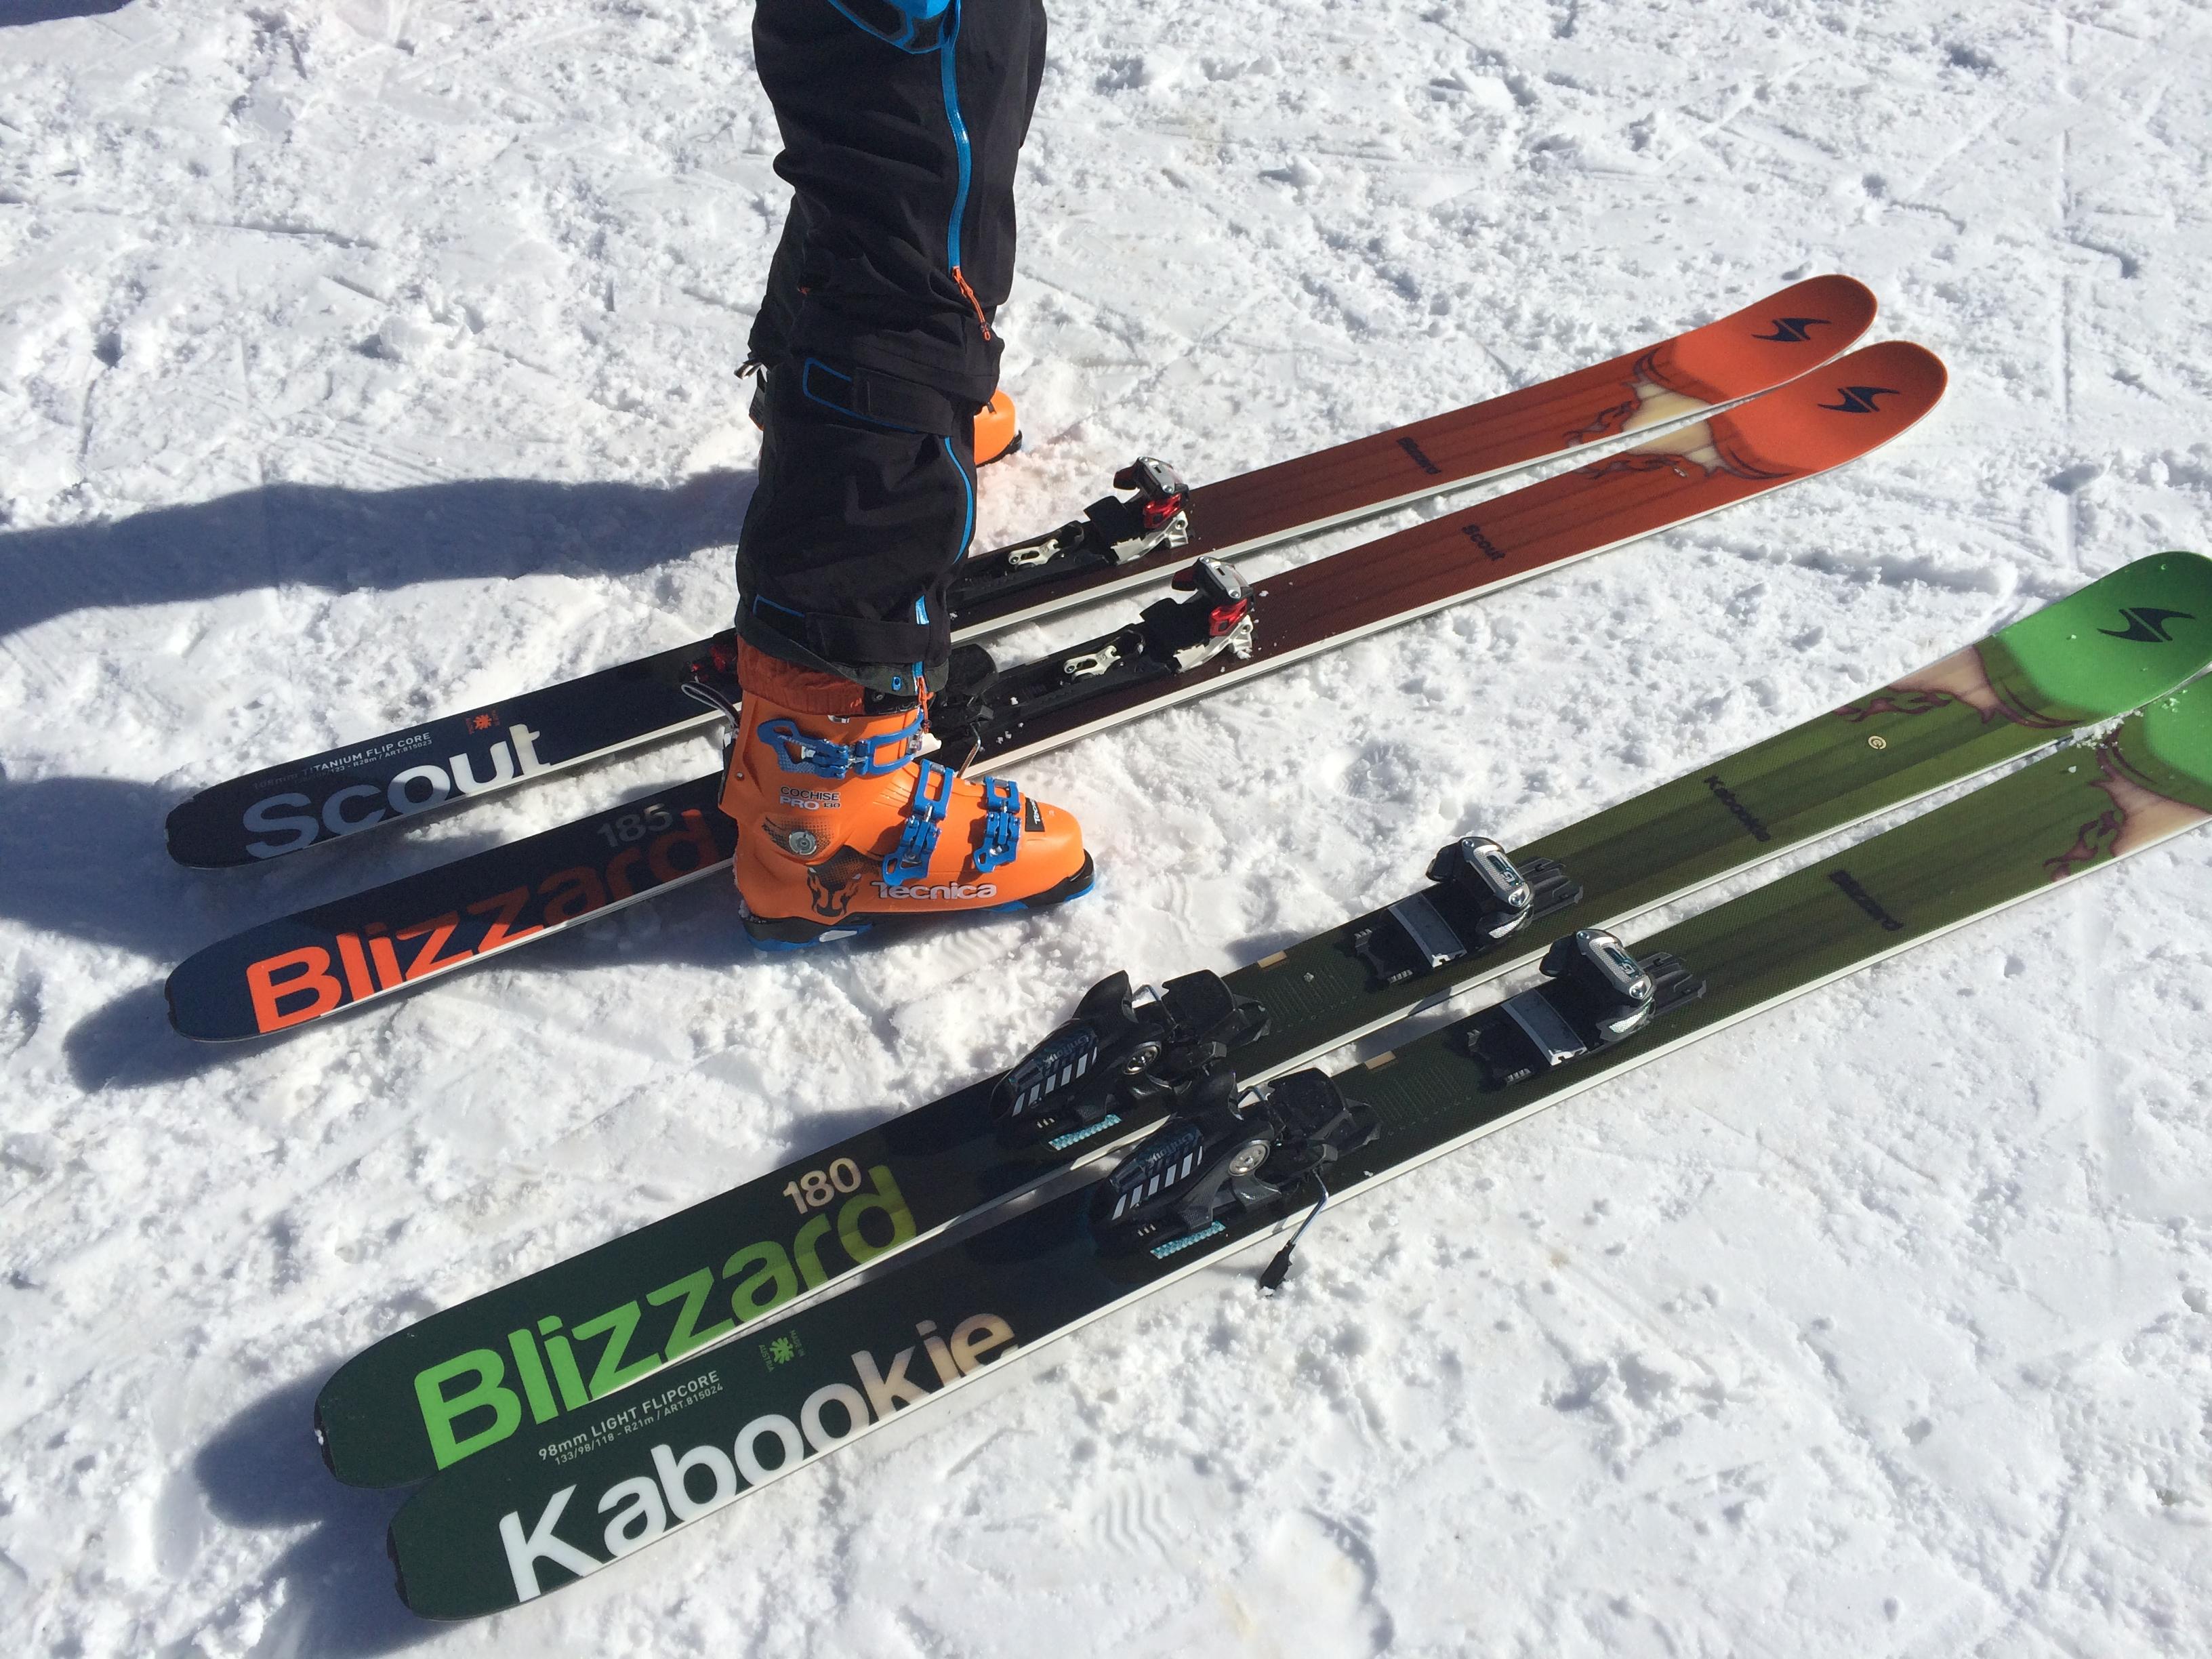 De verschillen zeken tussen twee ski's die alleen in breedte verschillen